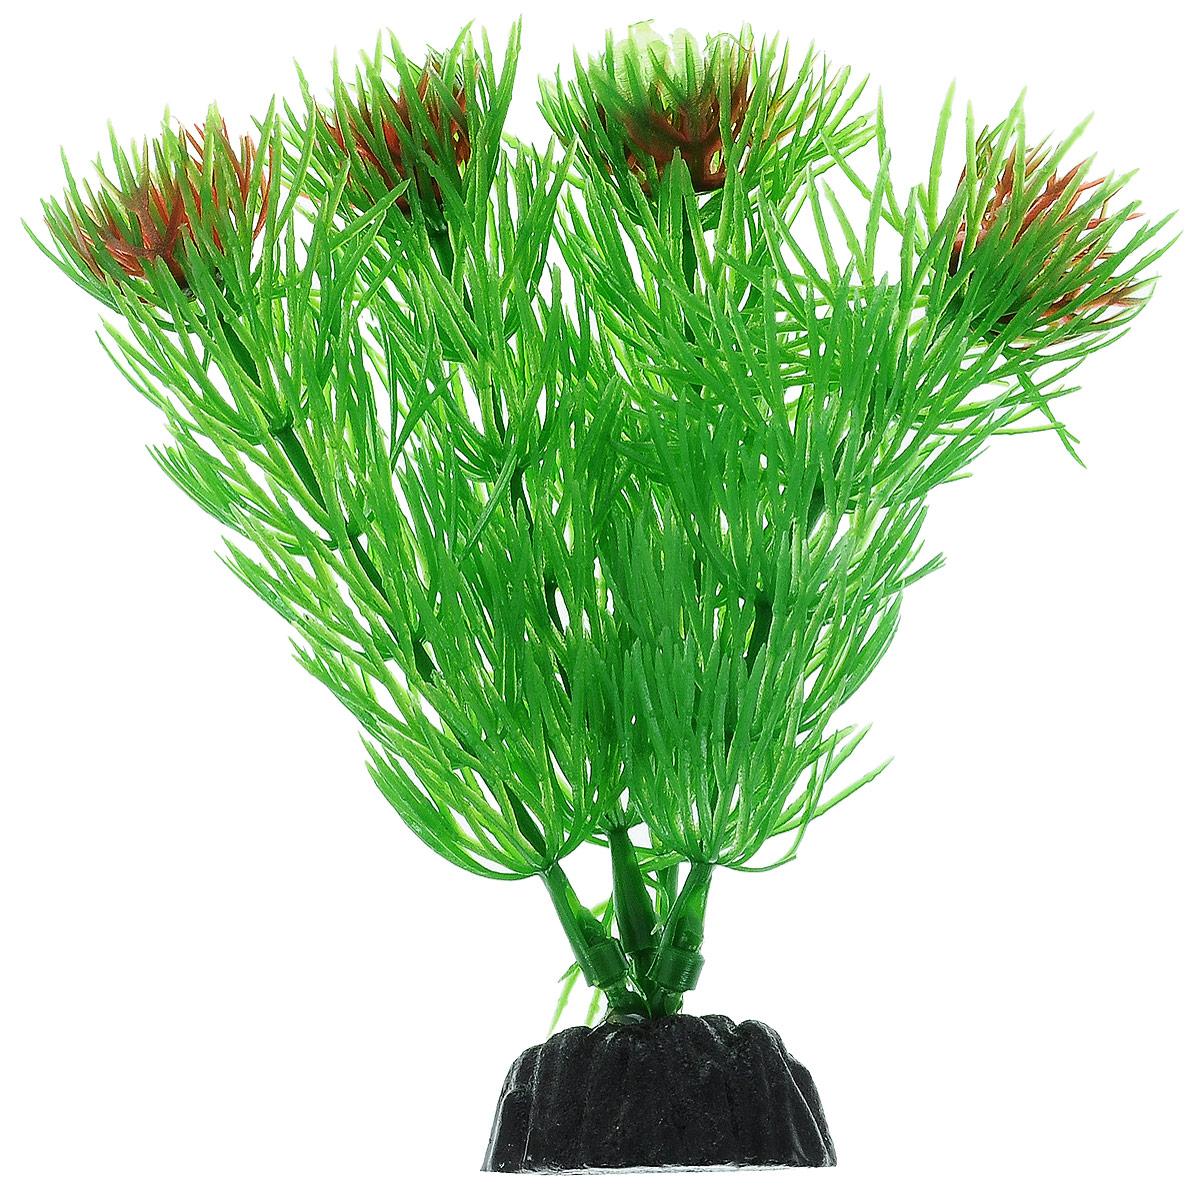 Растение для аквариума Barbus Амбулия, пластиковое, высота 10 смPlant 002/10Растение для аквариума Barbus Амбулия, выполненное из качественного пластика, станет прекрасным украшением вашего аквариума. Пластиковое растение идеально подходит для дизайна всех видов аквариумов. Оно абсолютно безопасно, нейтрально к водному балансу, устойчиво к истиранию краски, подходит как для пресноводного, так и для морского аквариума. Растение для аквариума Barbus поможет вам смоделировать потрясающий пейзаж на дне вашего аквариума или террариума. Высота растения: 10 см.